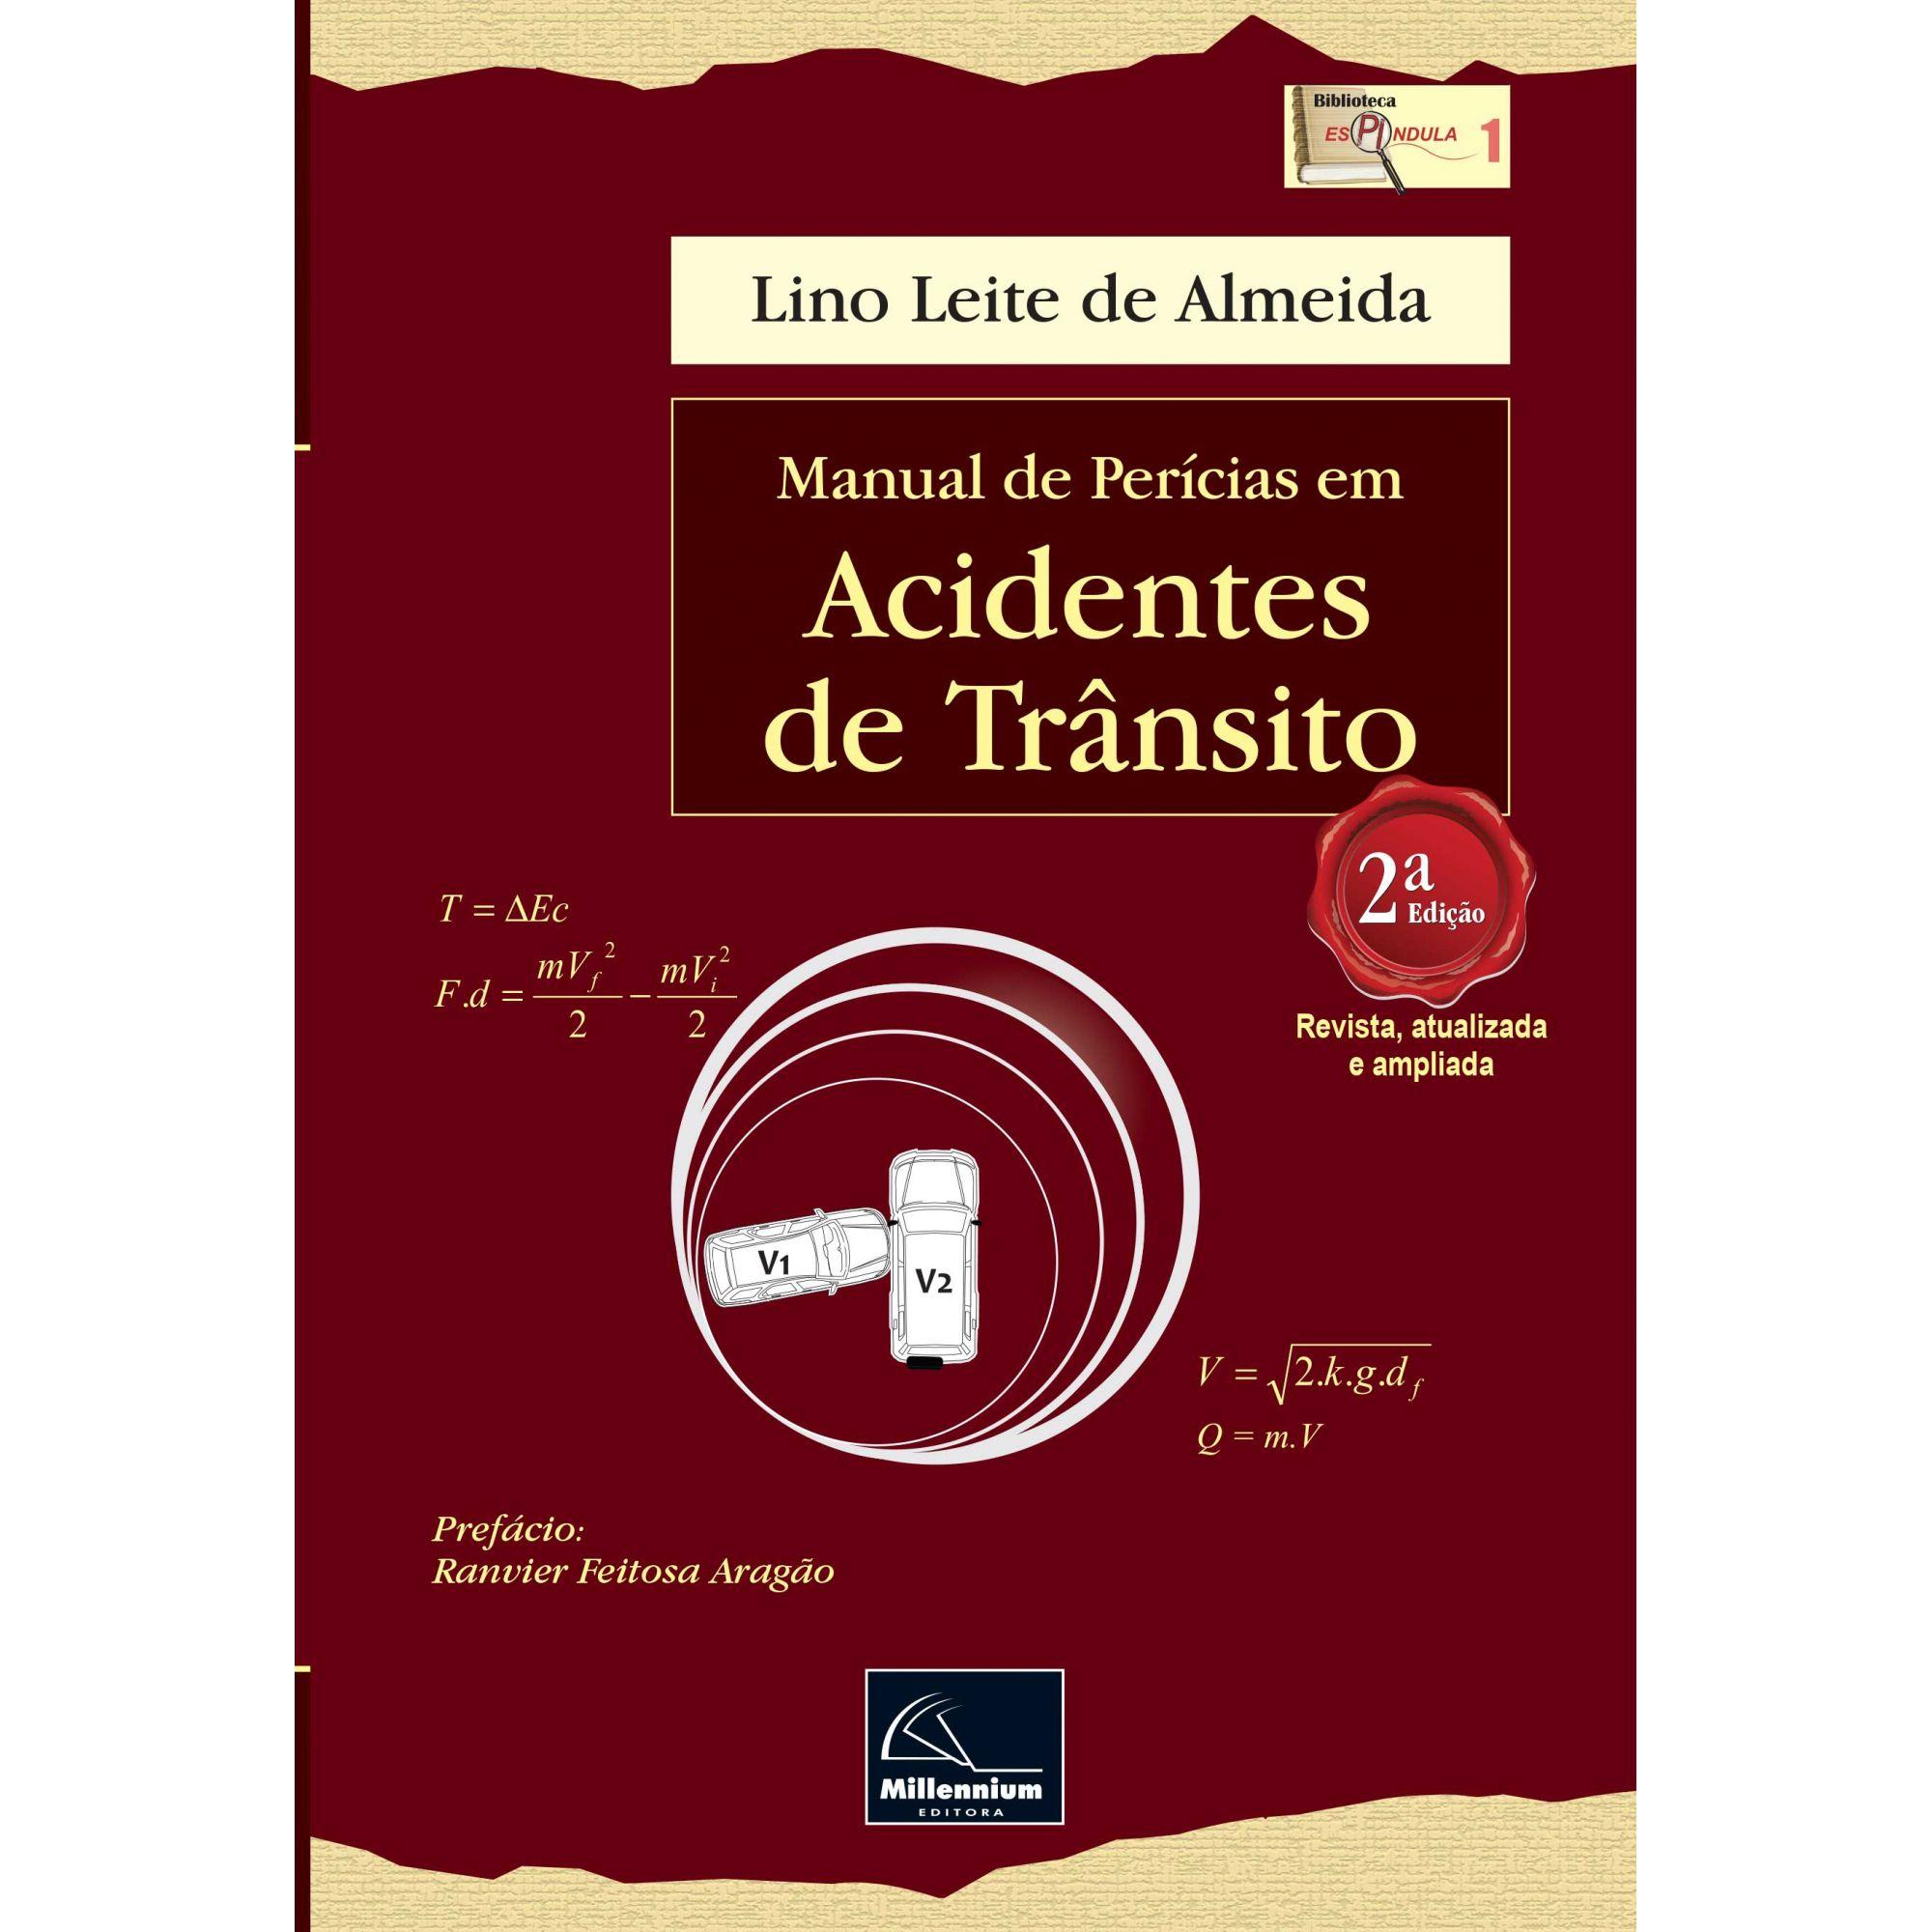 Manual de Perícias em Acidentes de Trânsito 2ª Edição <b>Autor: Lino Leite de Almeida</b>  - Millennium Editora - Livros de Perícia